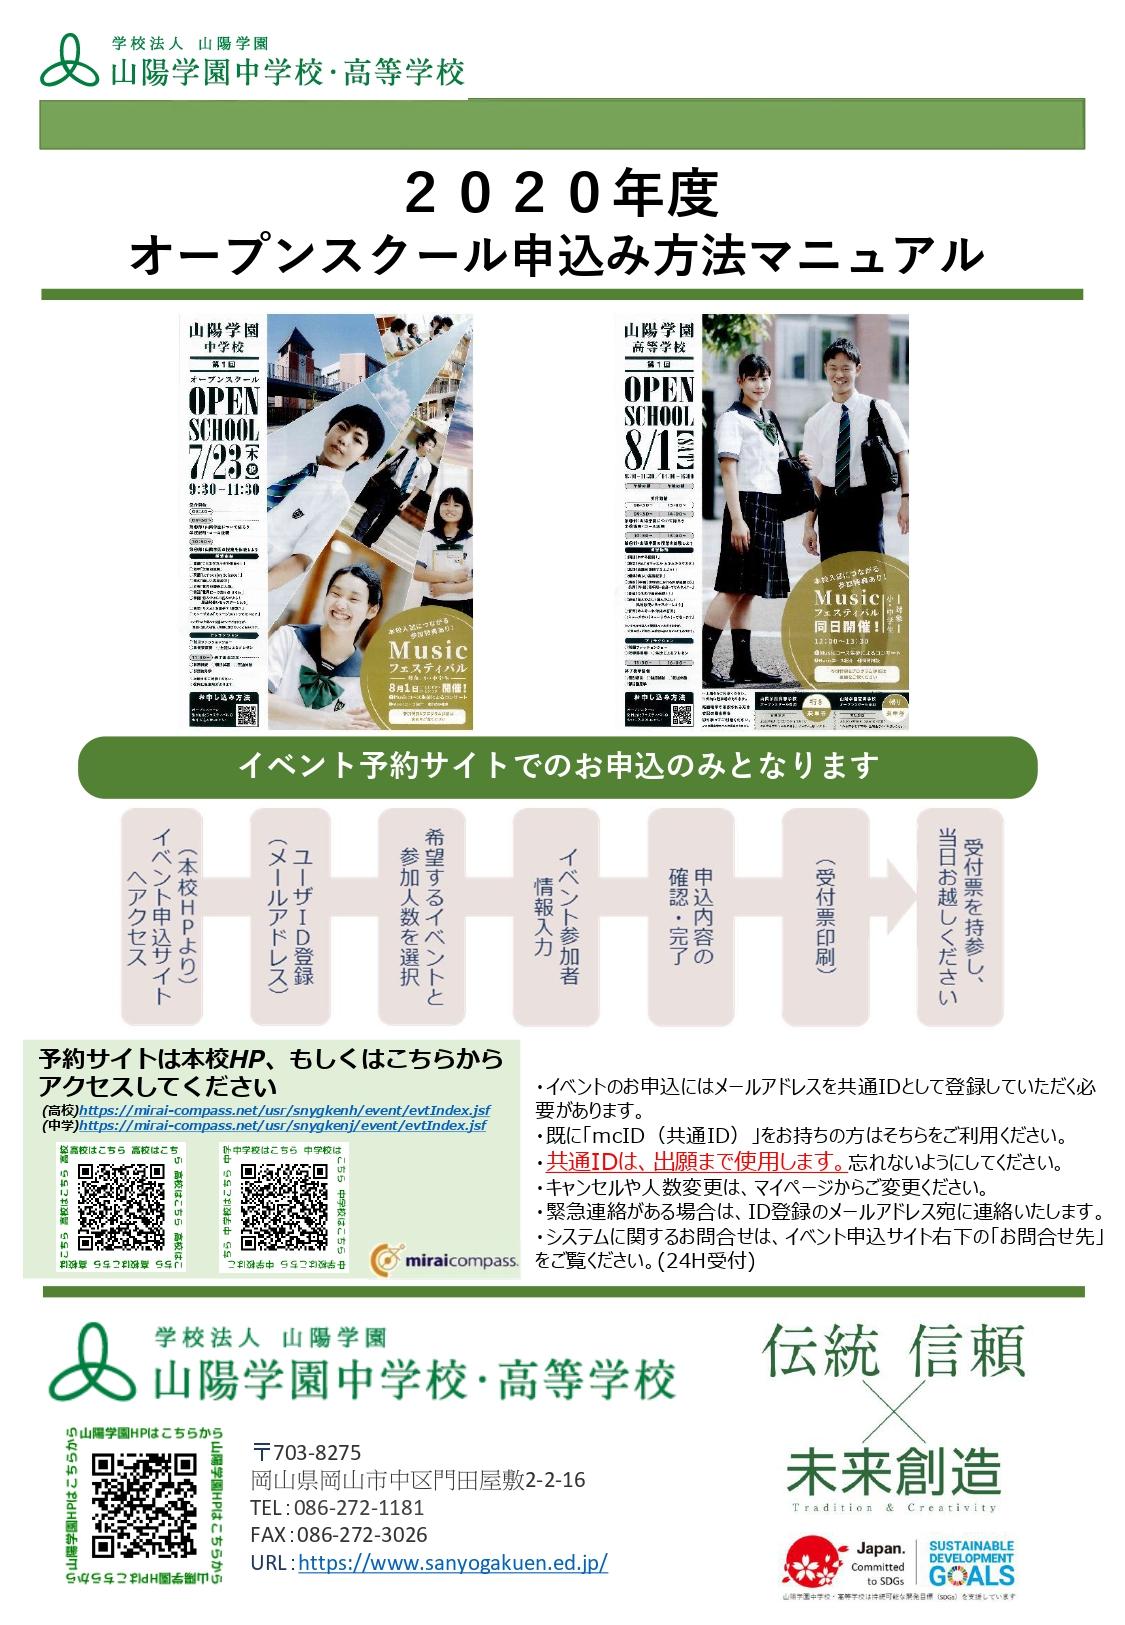 オープンスクール申込マニュアル(HP用)001